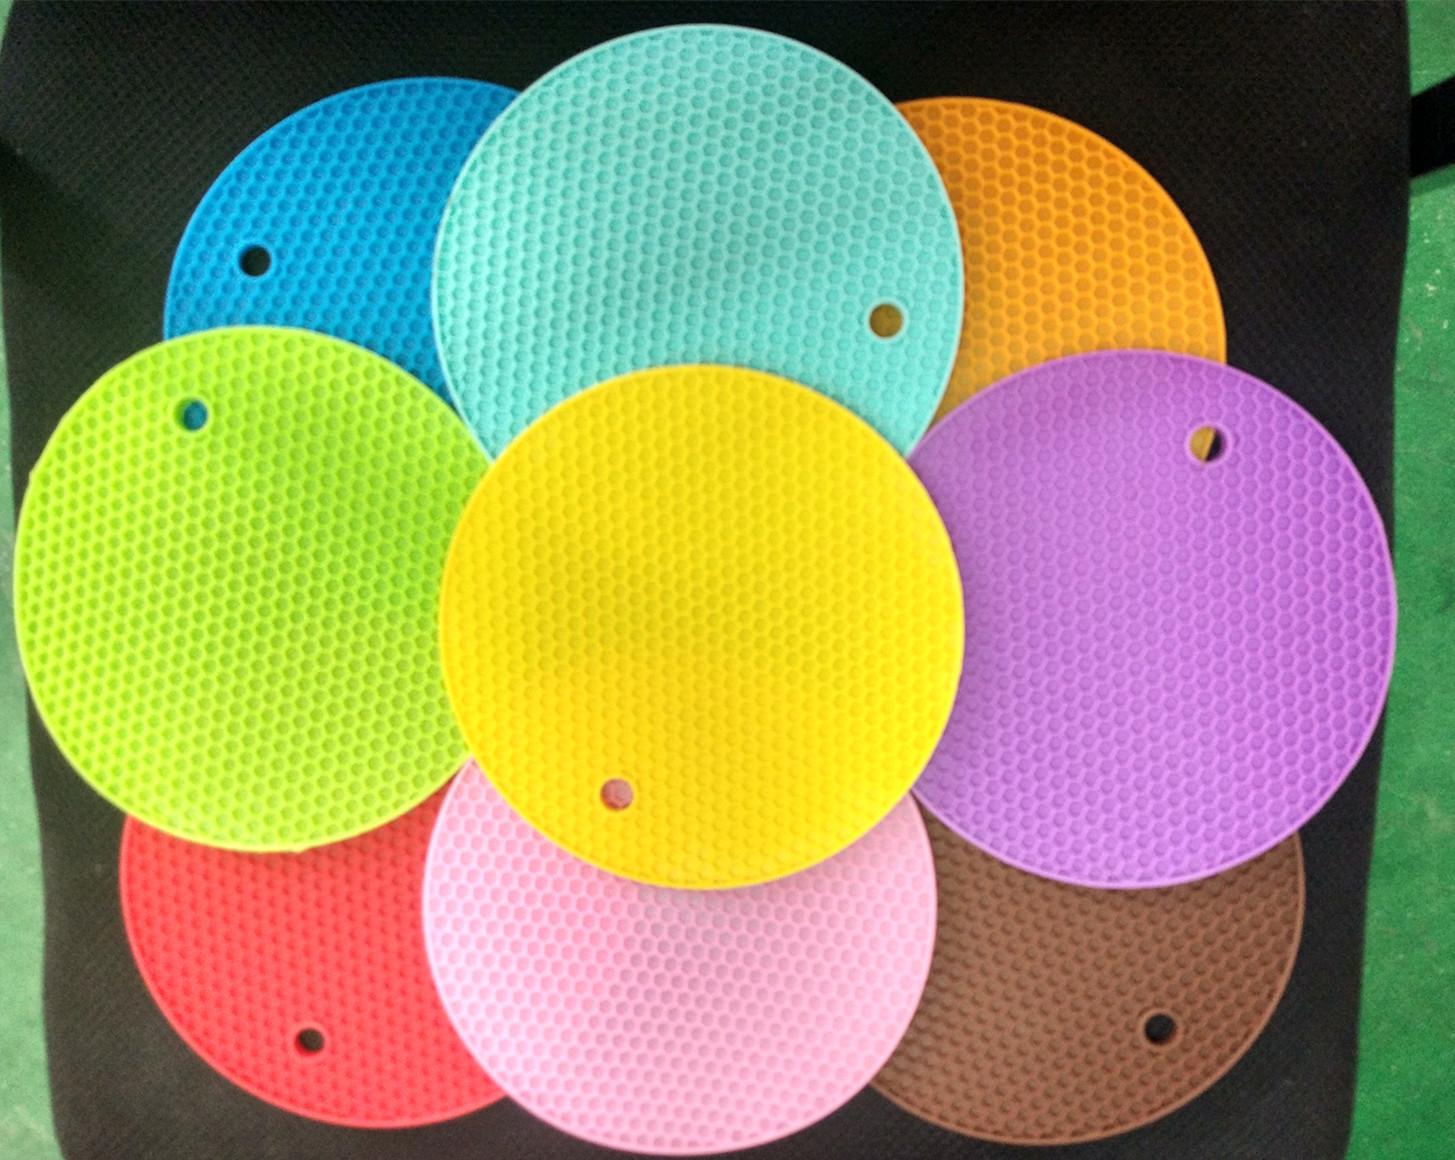 硅胶杯垫,硅胶杯垫作用是如何呢